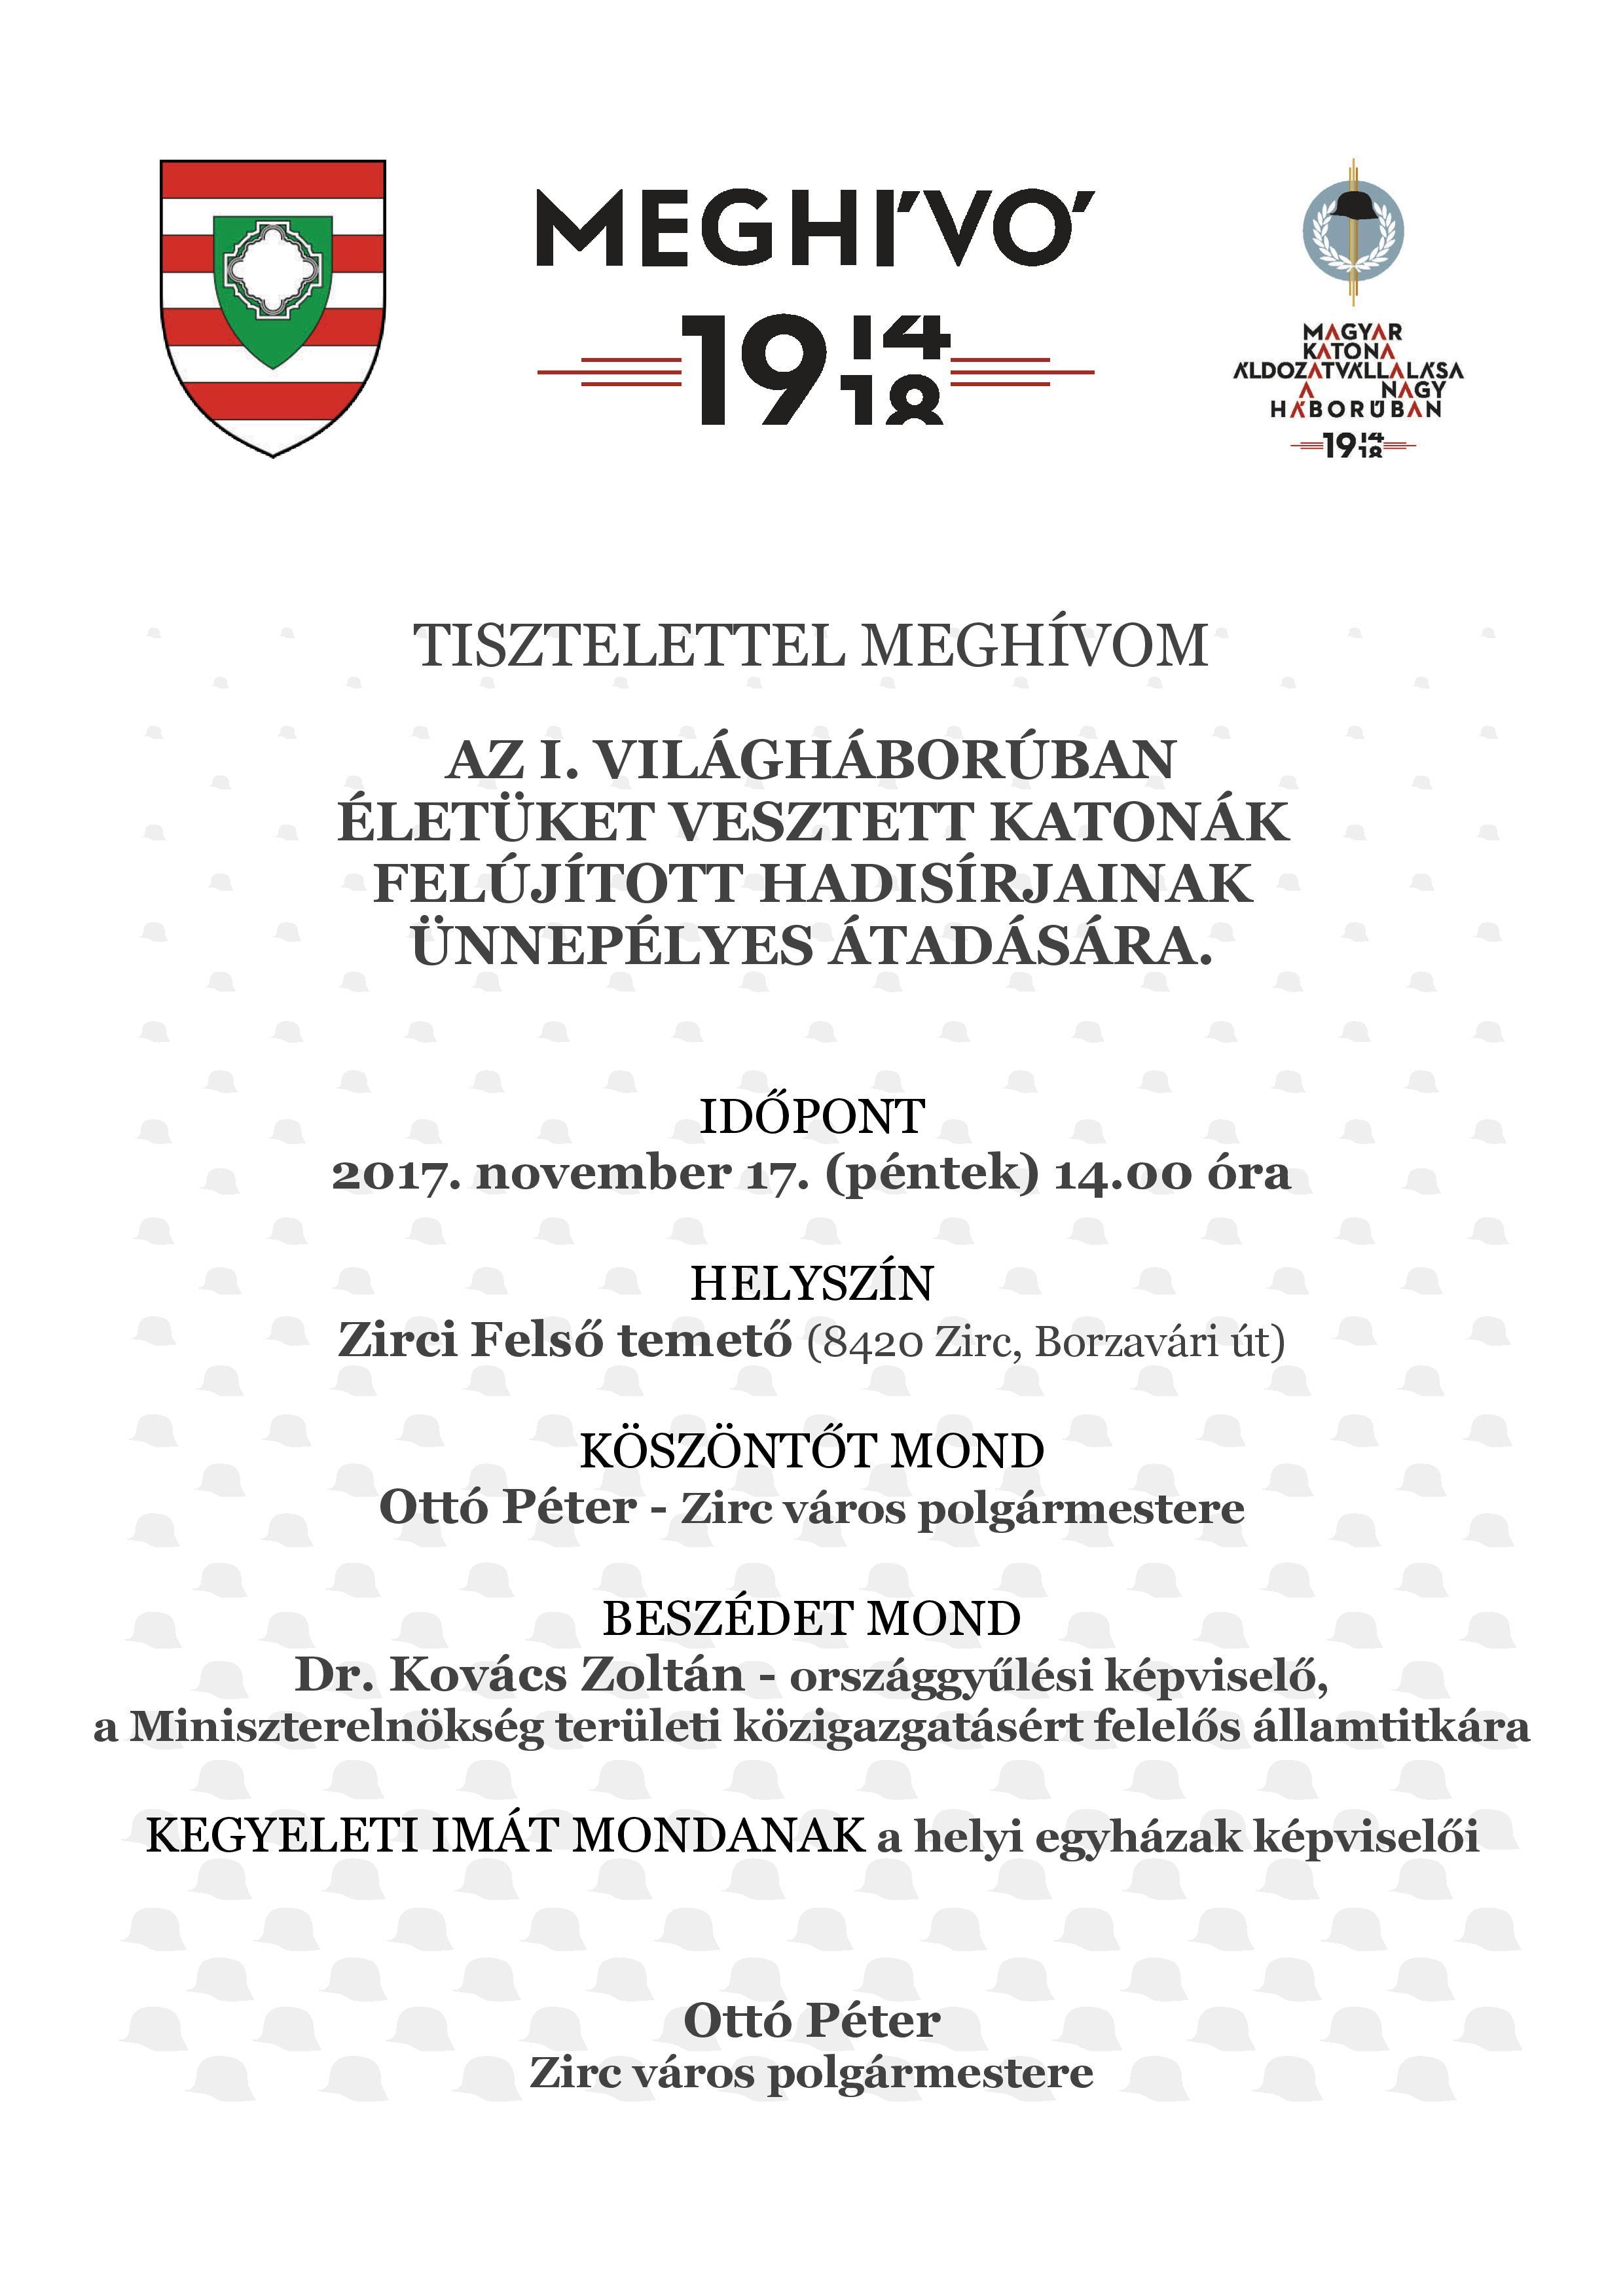 2017-11-17_hadisir_atadas_plakat-page-001.jpg